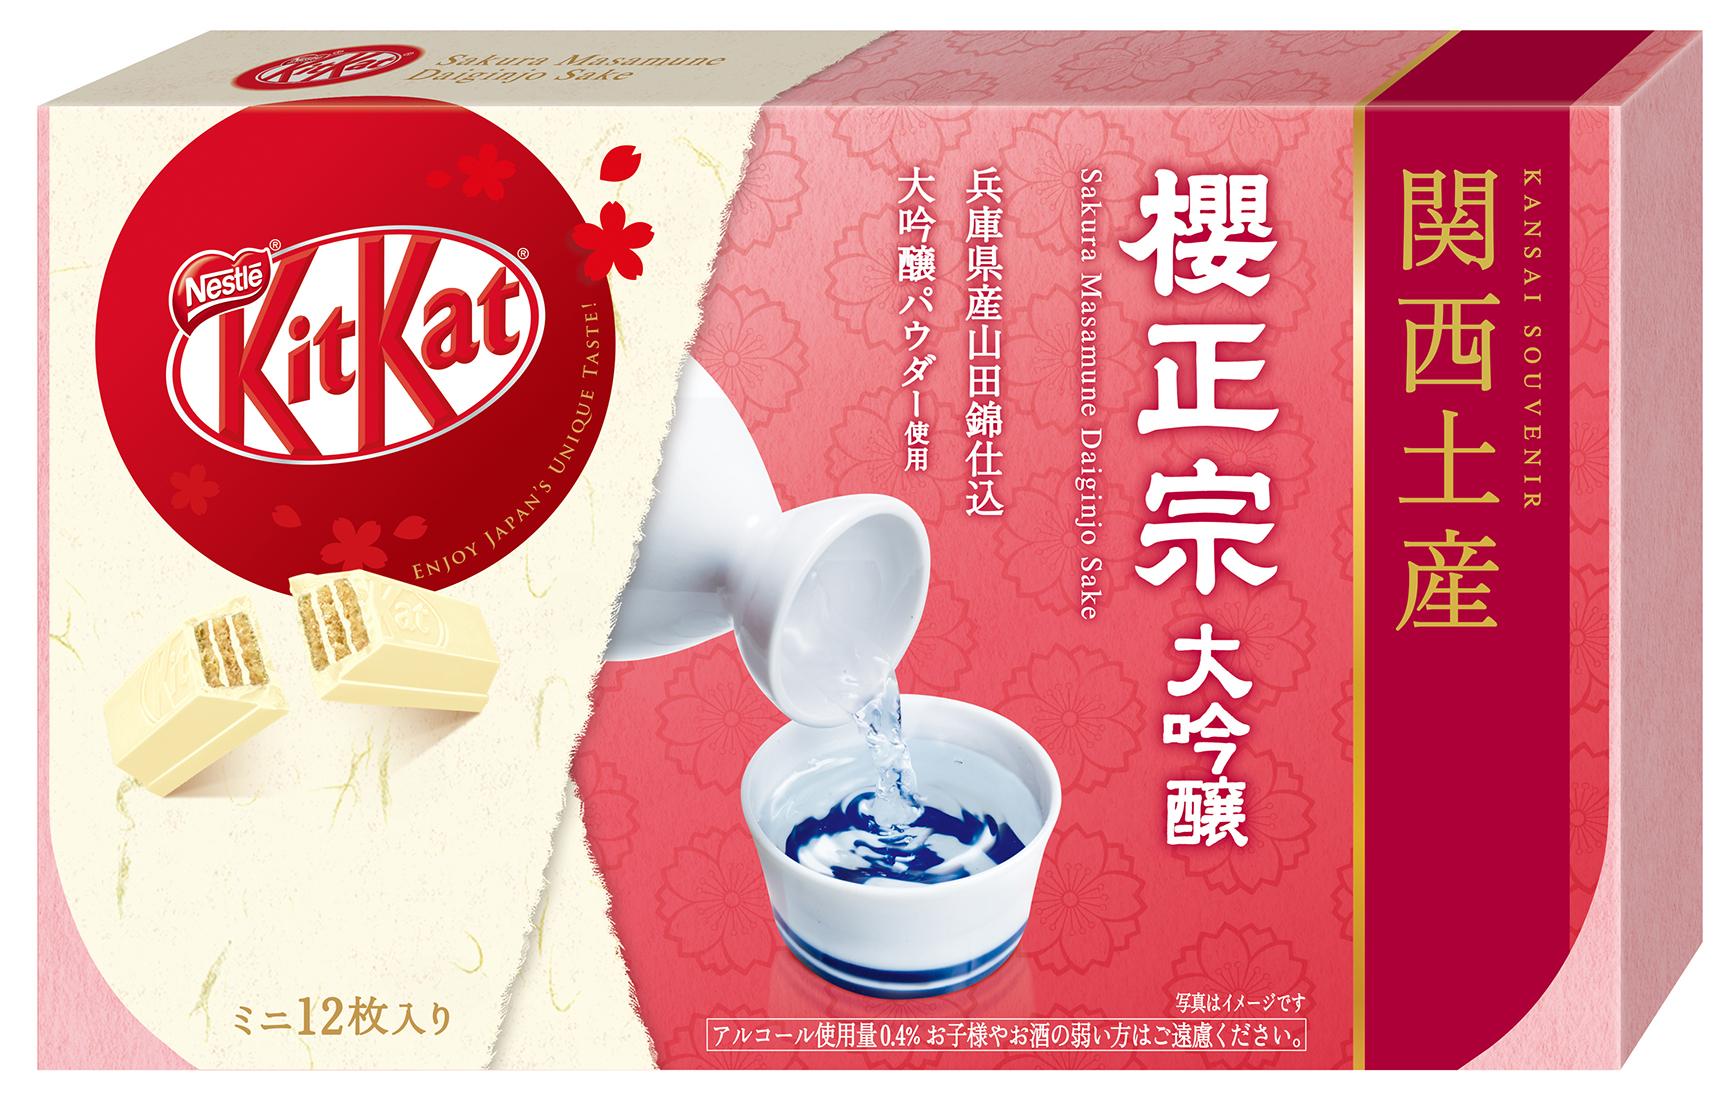 20180921キットカットミニ日本酒櫻正宗大吟醸